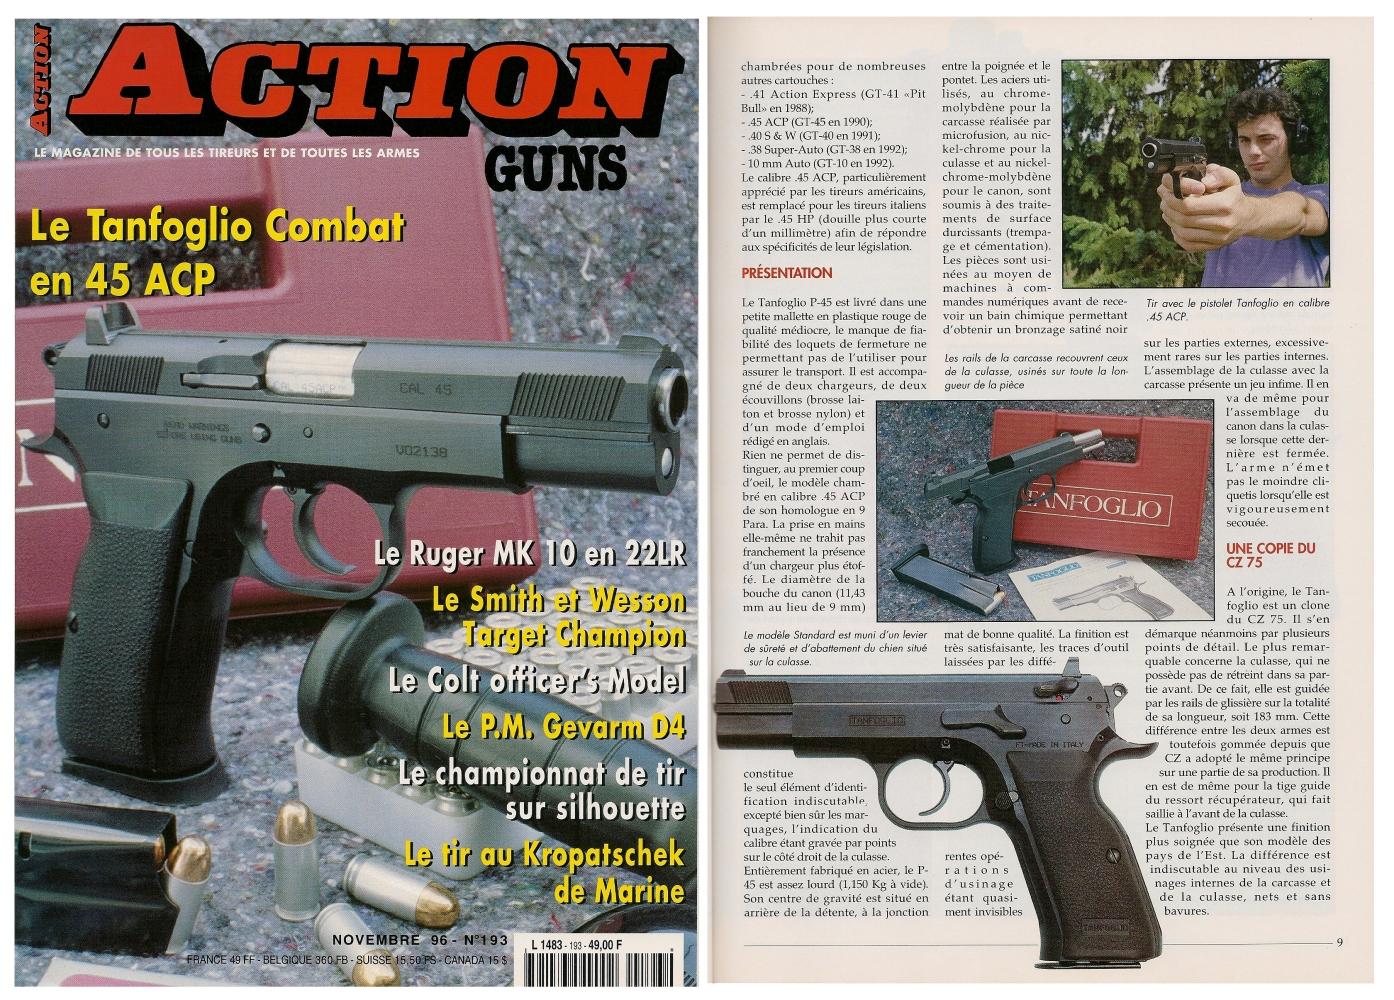 Le banc d'essai du pistolet Tanfoglio P-45 Combat a été publié sur 7 pages dans le magazine Action Guns n°193 (novembre 1996).